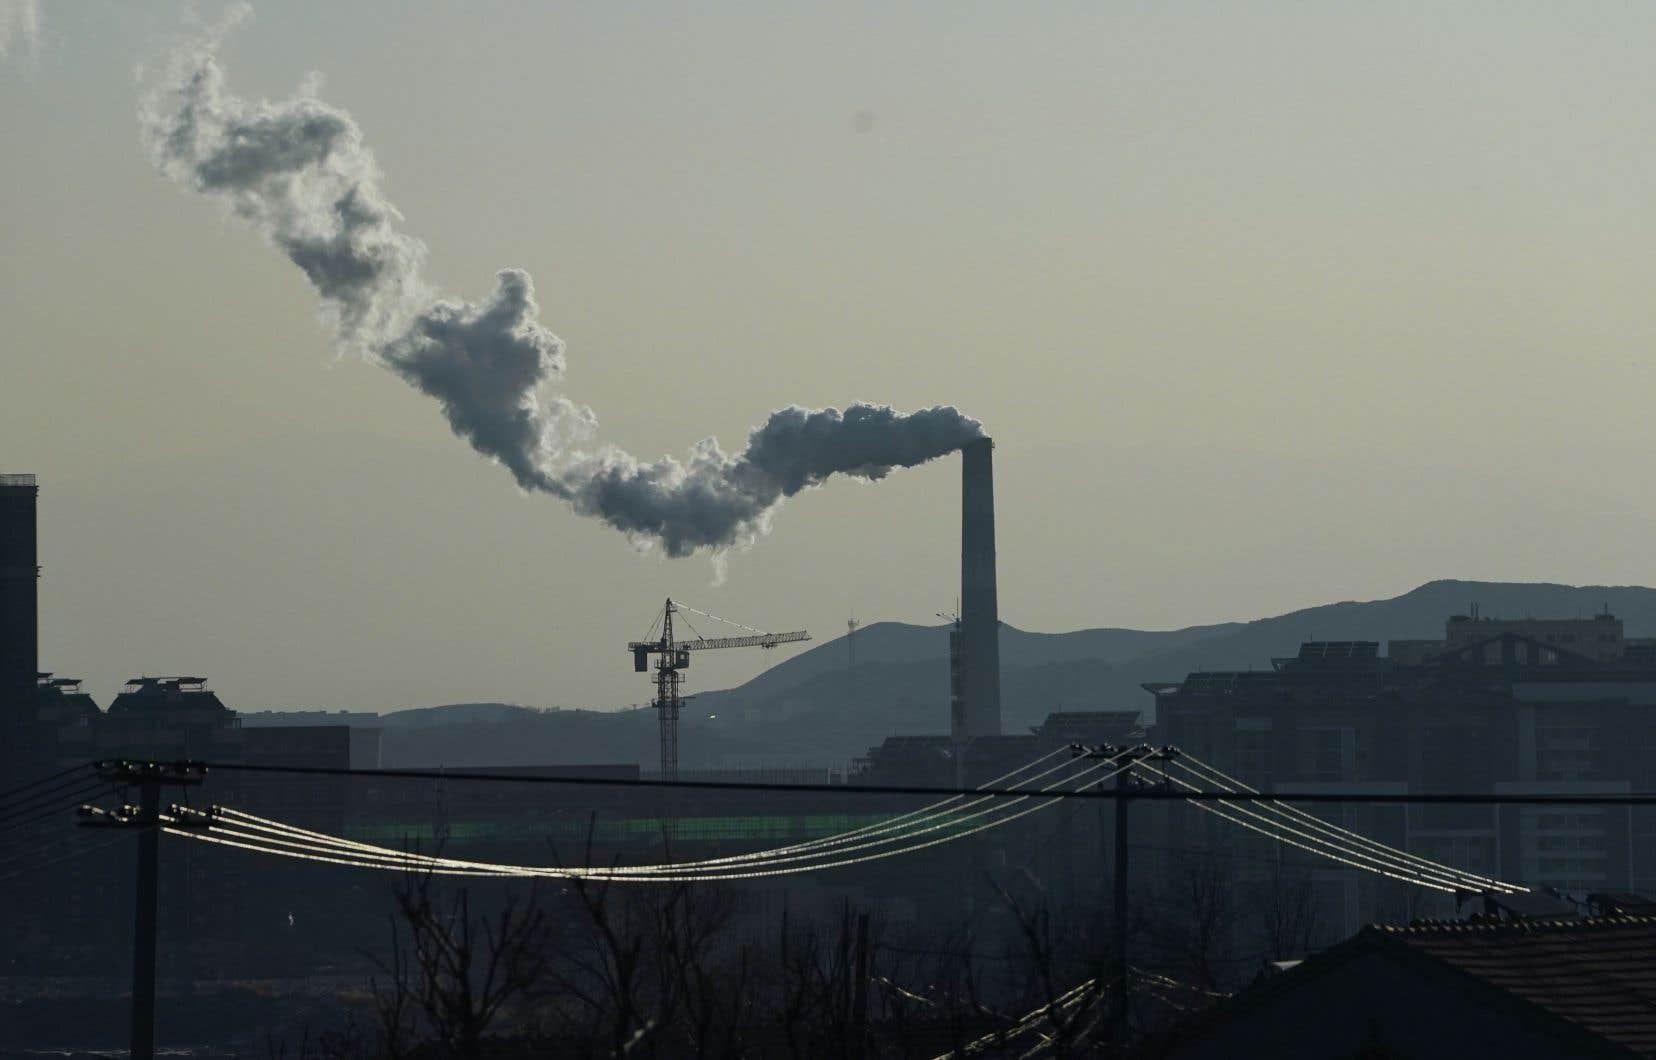 Les émissions mondiales de CO2 devraient atteindre un niveau jamais vu d'ici 2023.